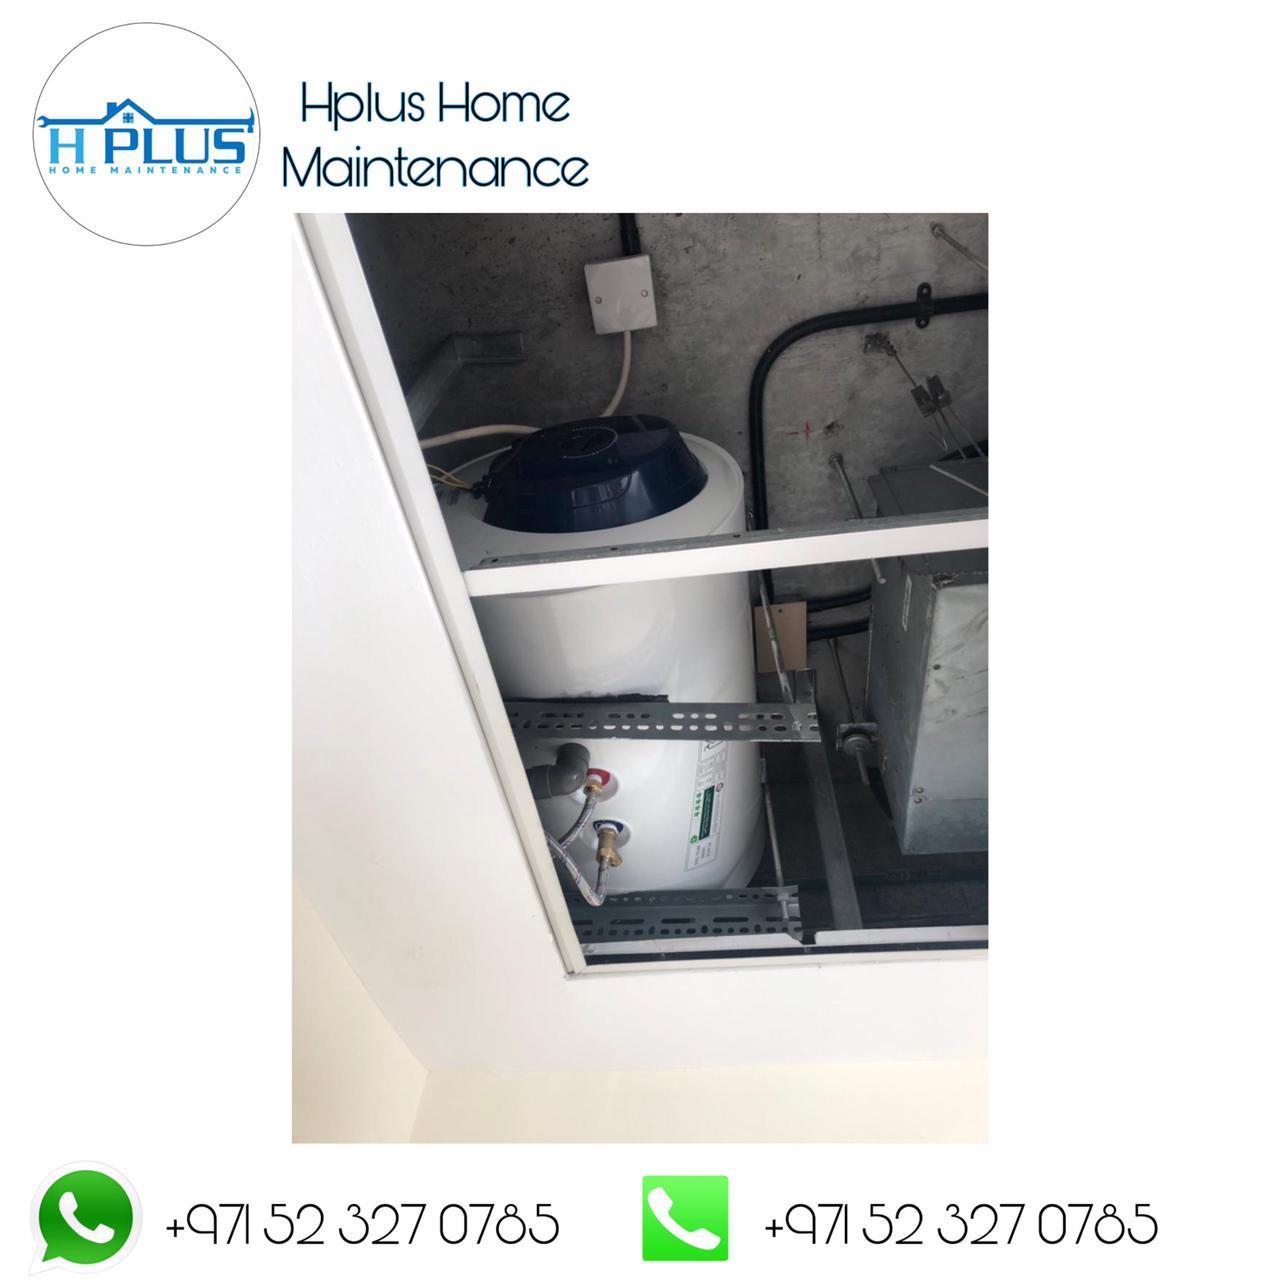 WhatsApp Image 2021-03-12 at 7.07.24 PM.jpeg